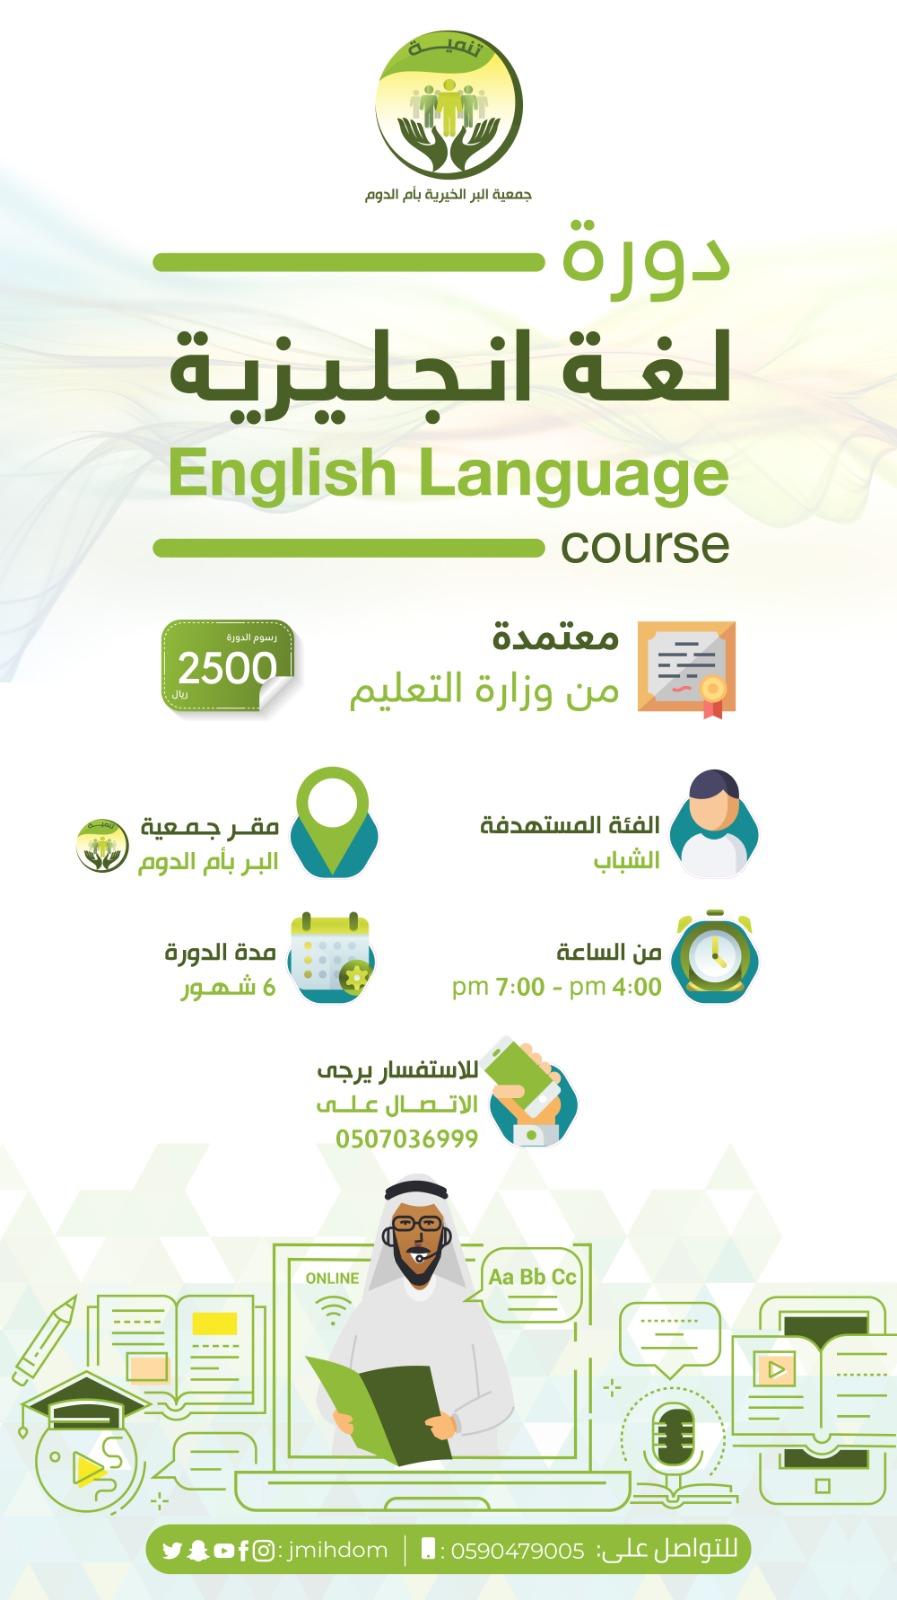 دورة اللغة الانجليزية